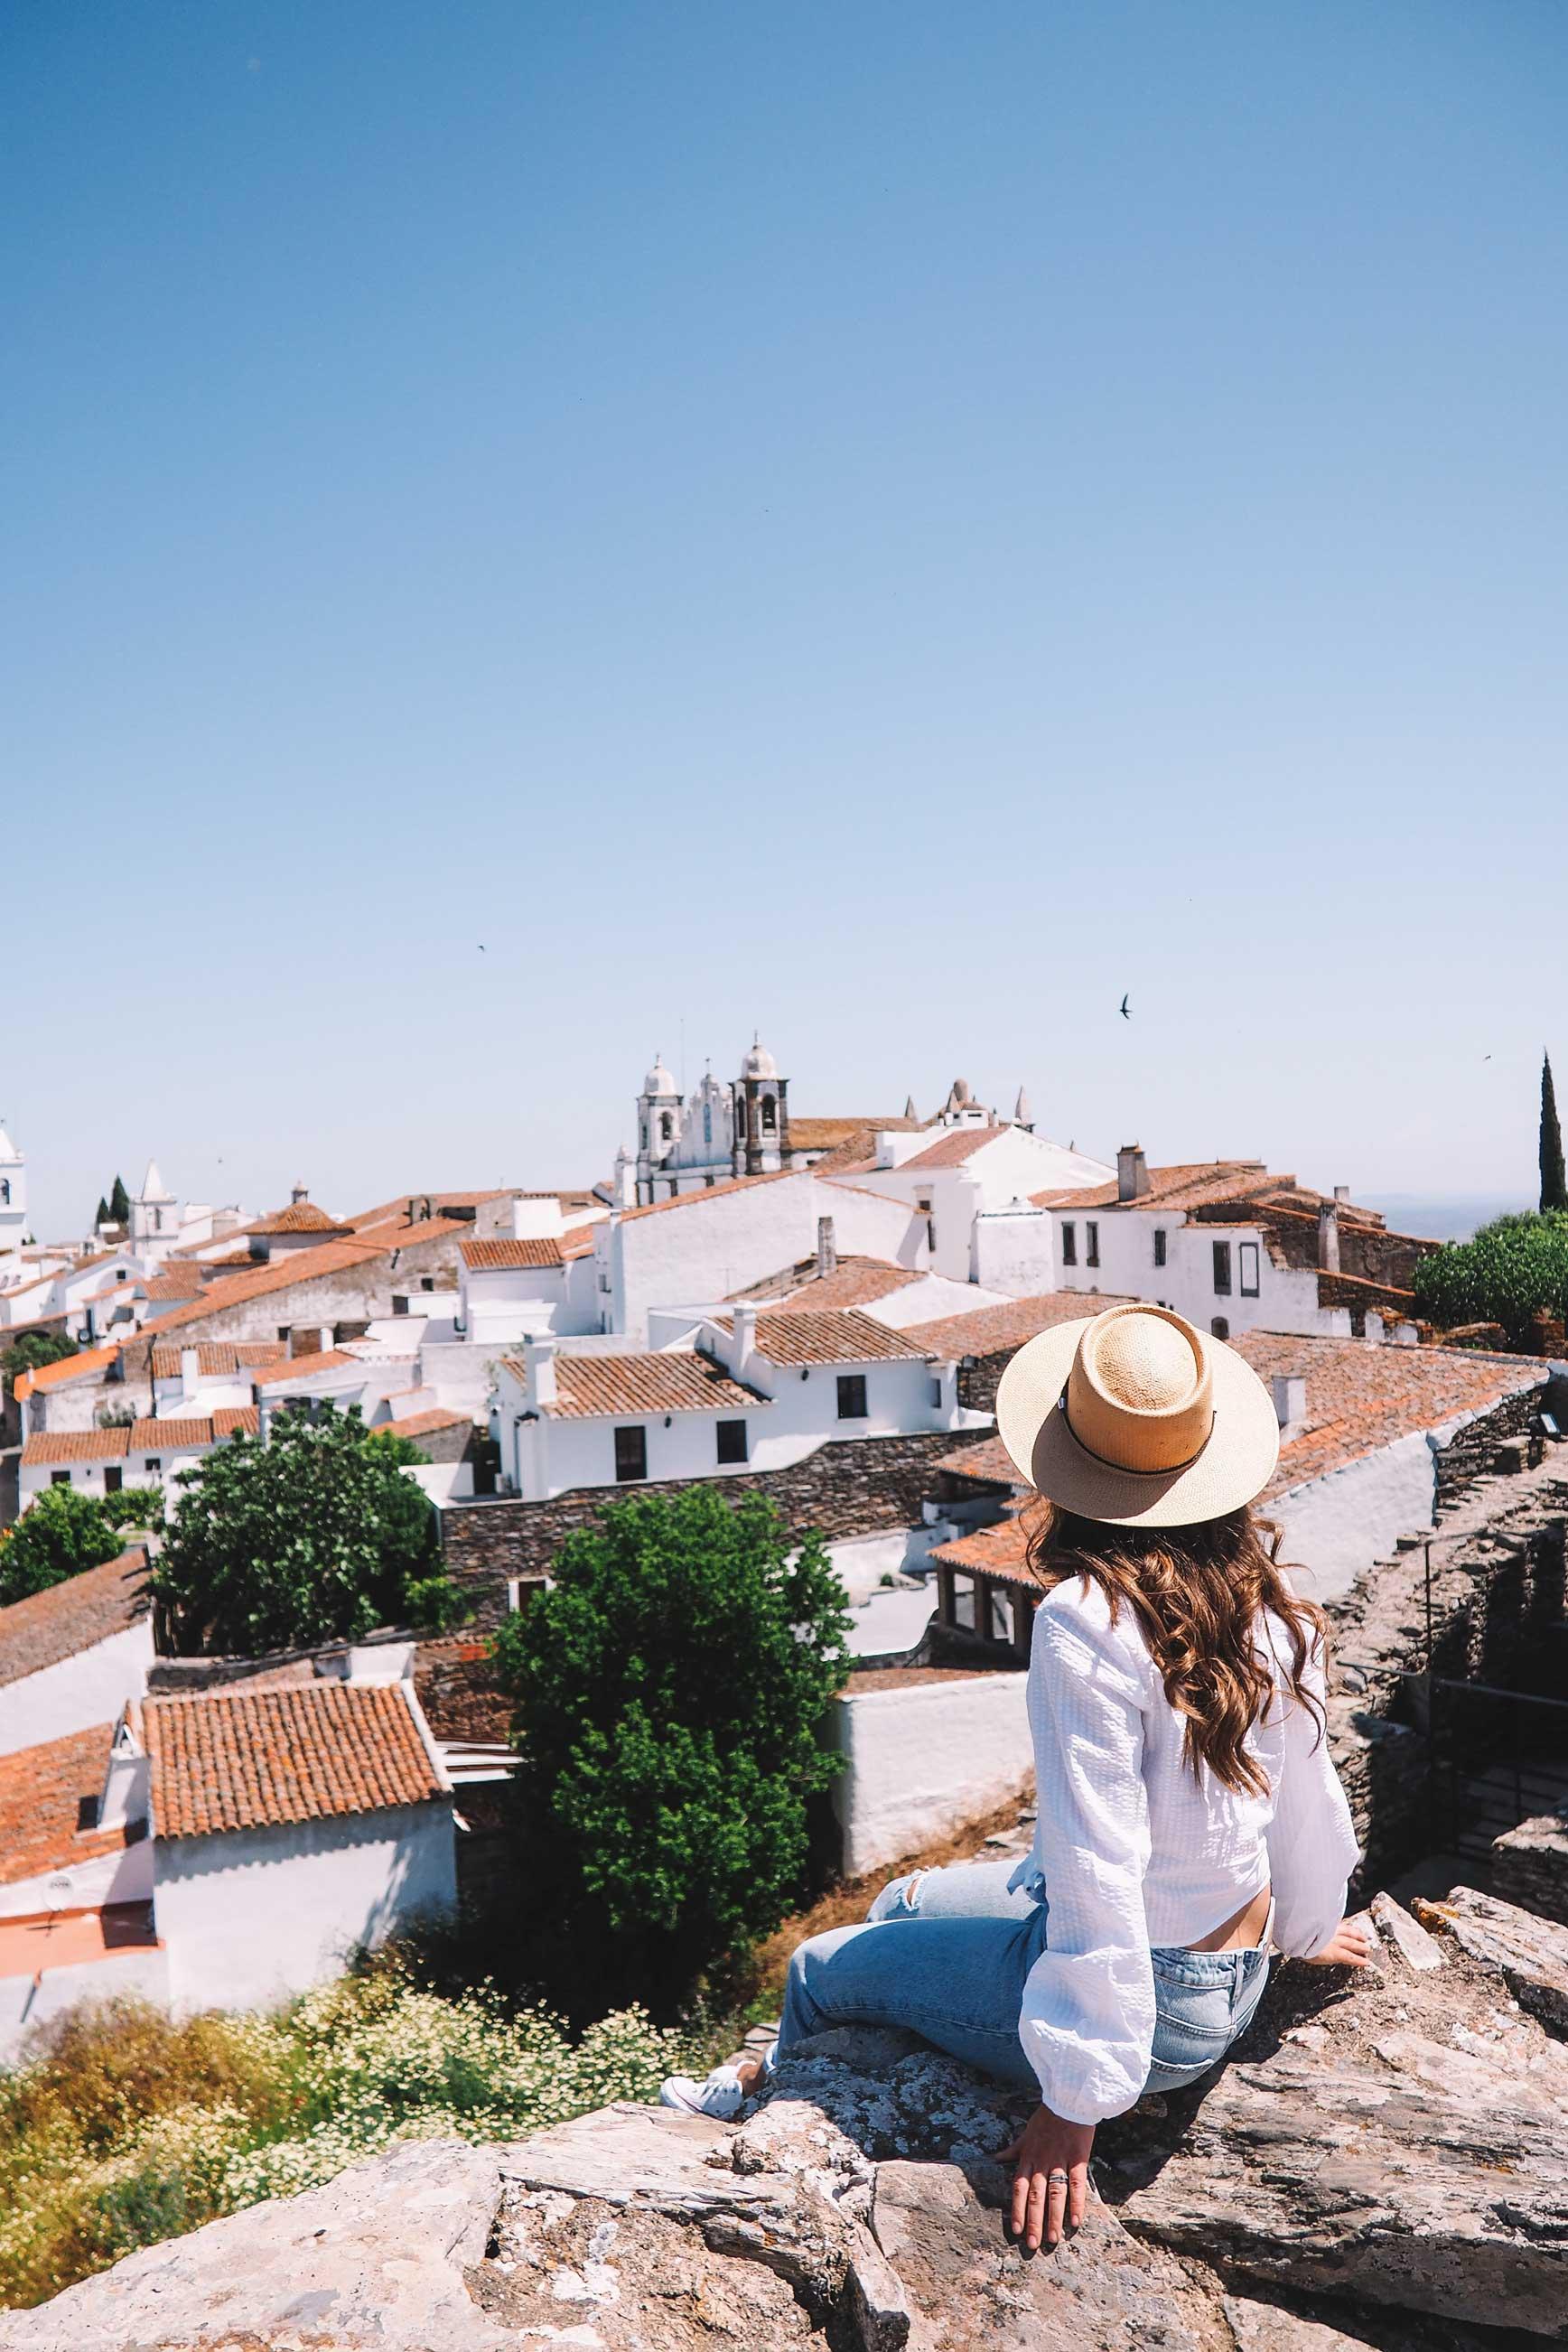 Pueblos con encanto en Portugal - Monsaraz